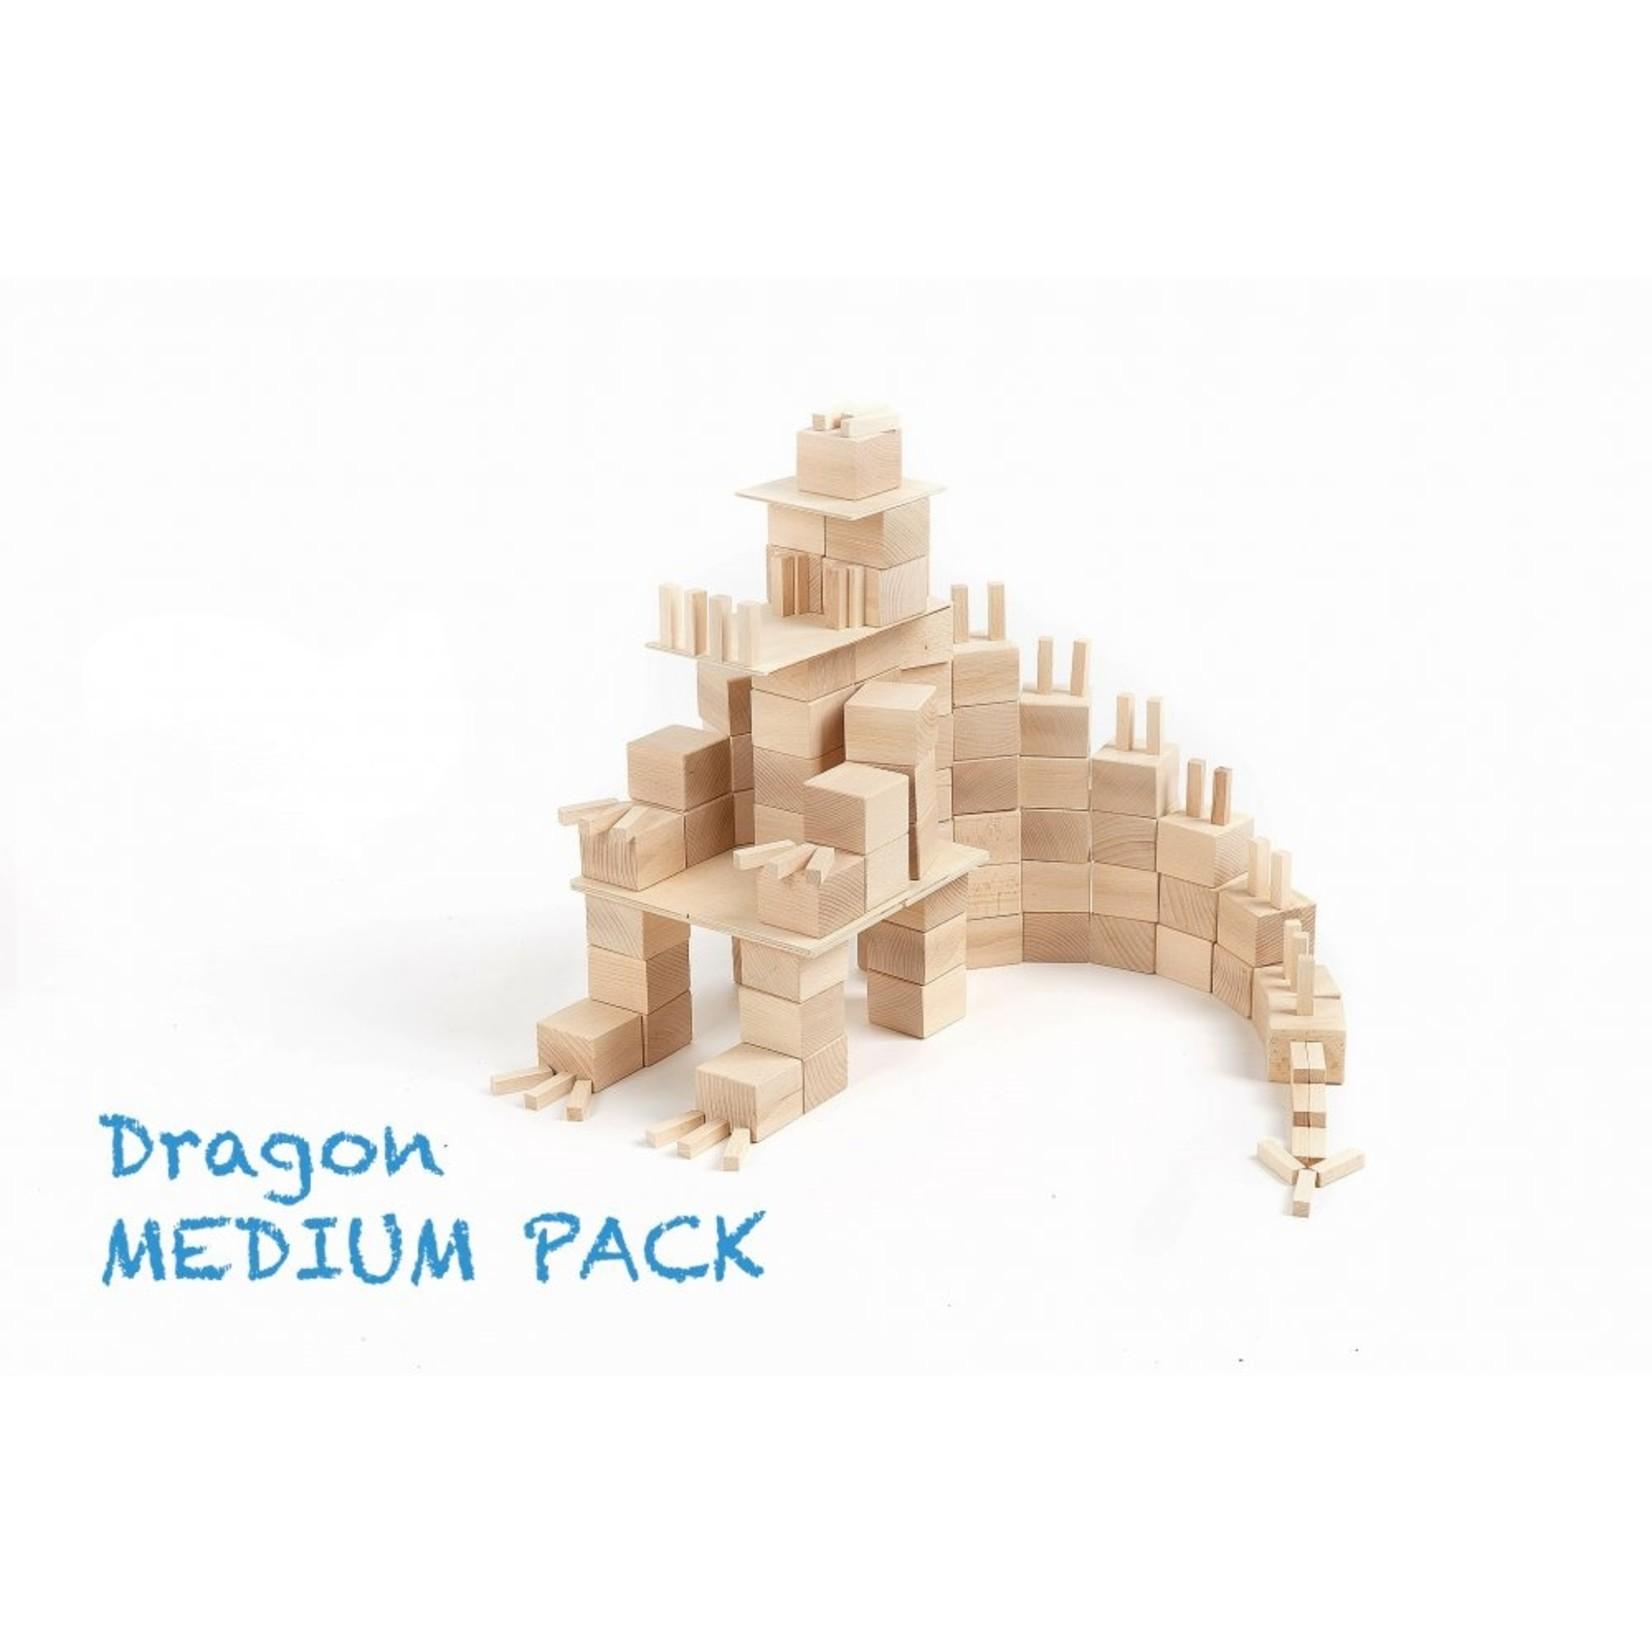 Medium Pack